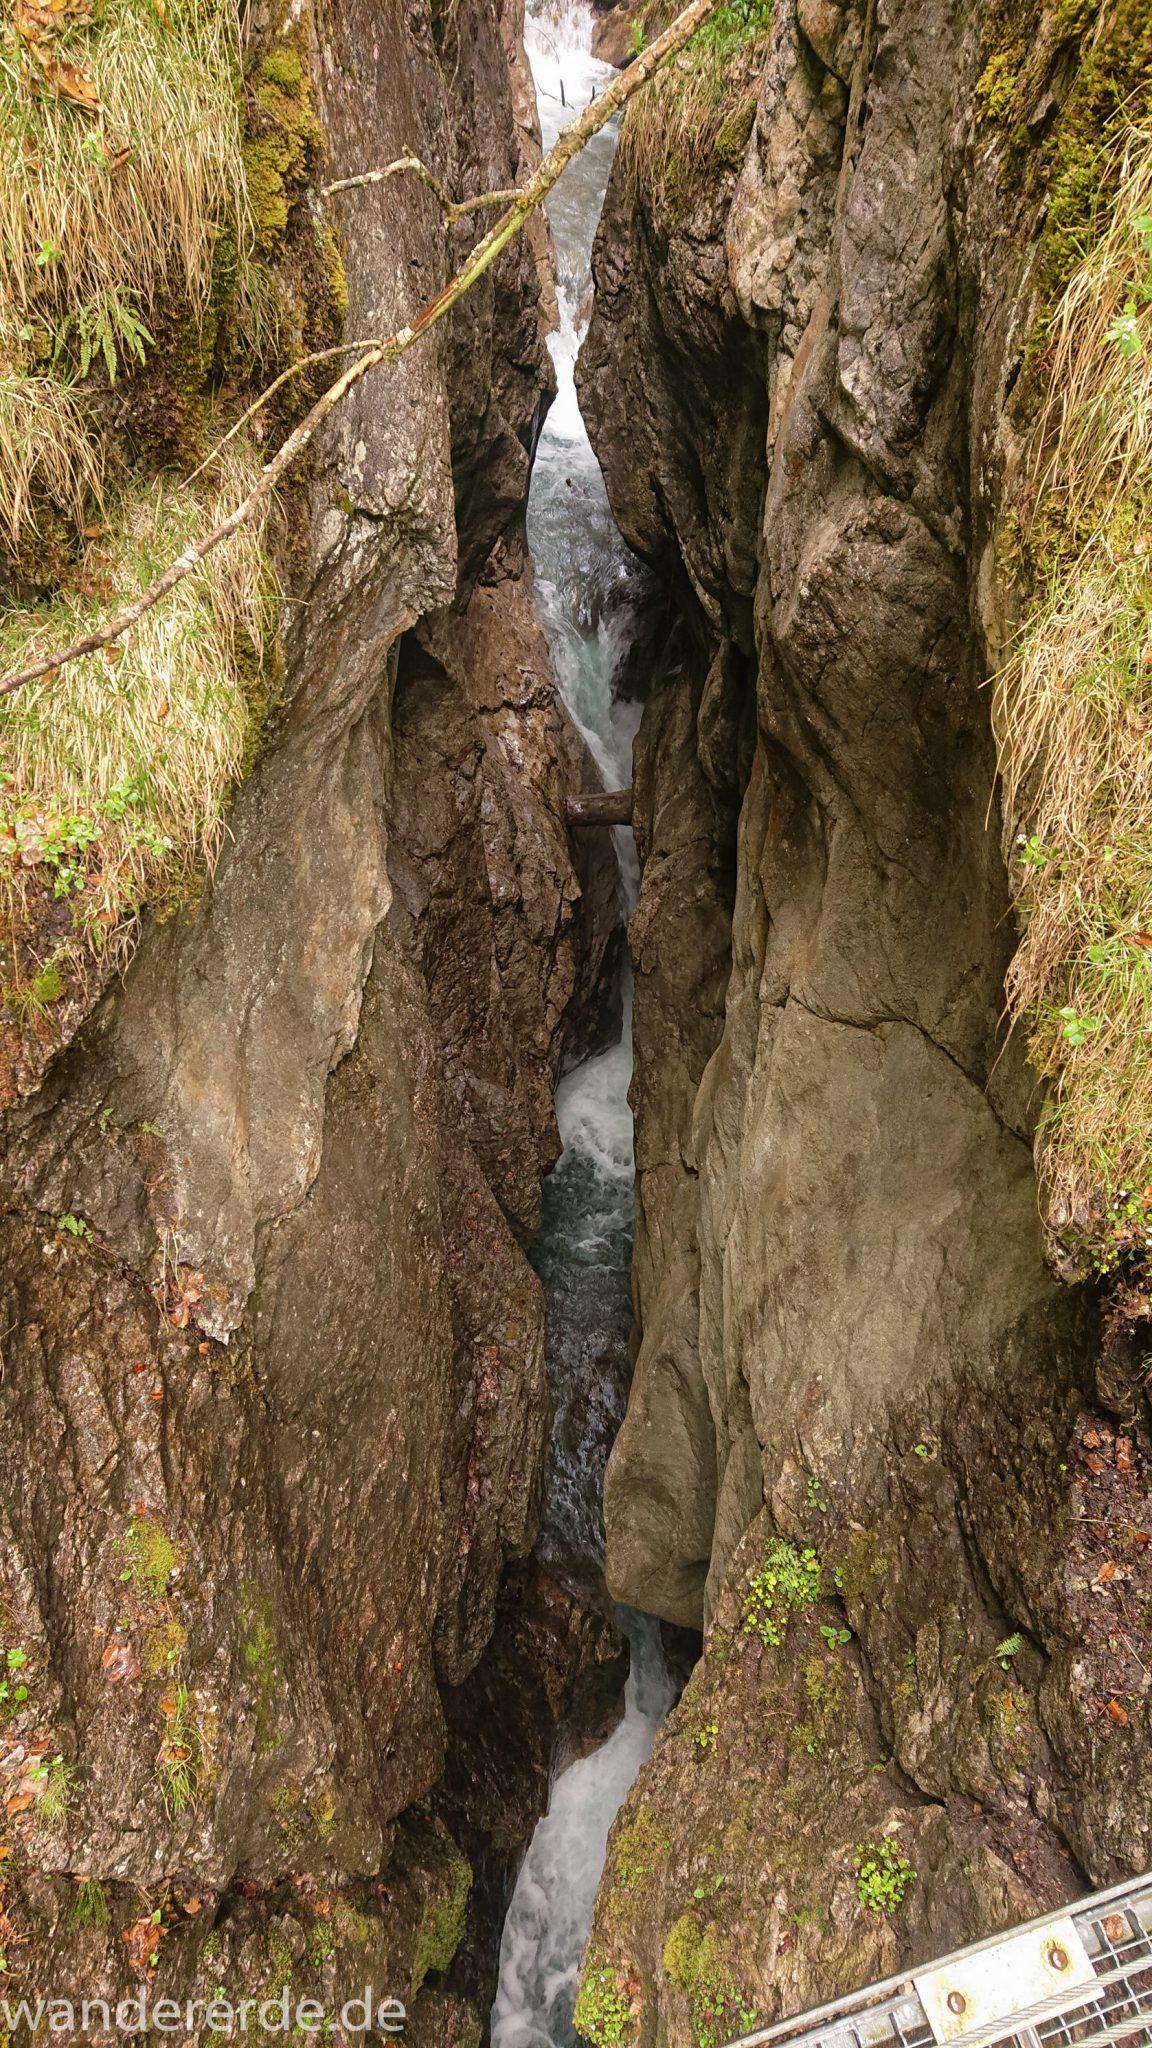 Wanderung Oberstdorf nach Gerstruben im Allgäu, Bayern, Wanderweg führt nach Bergbauerndorf Gerstruben über sehr empfehlenswerten aber steilen Weg Hölltobel mit Wasserfällen wieder abwärts, sehr beeindruckender Wasserfall in Klamm